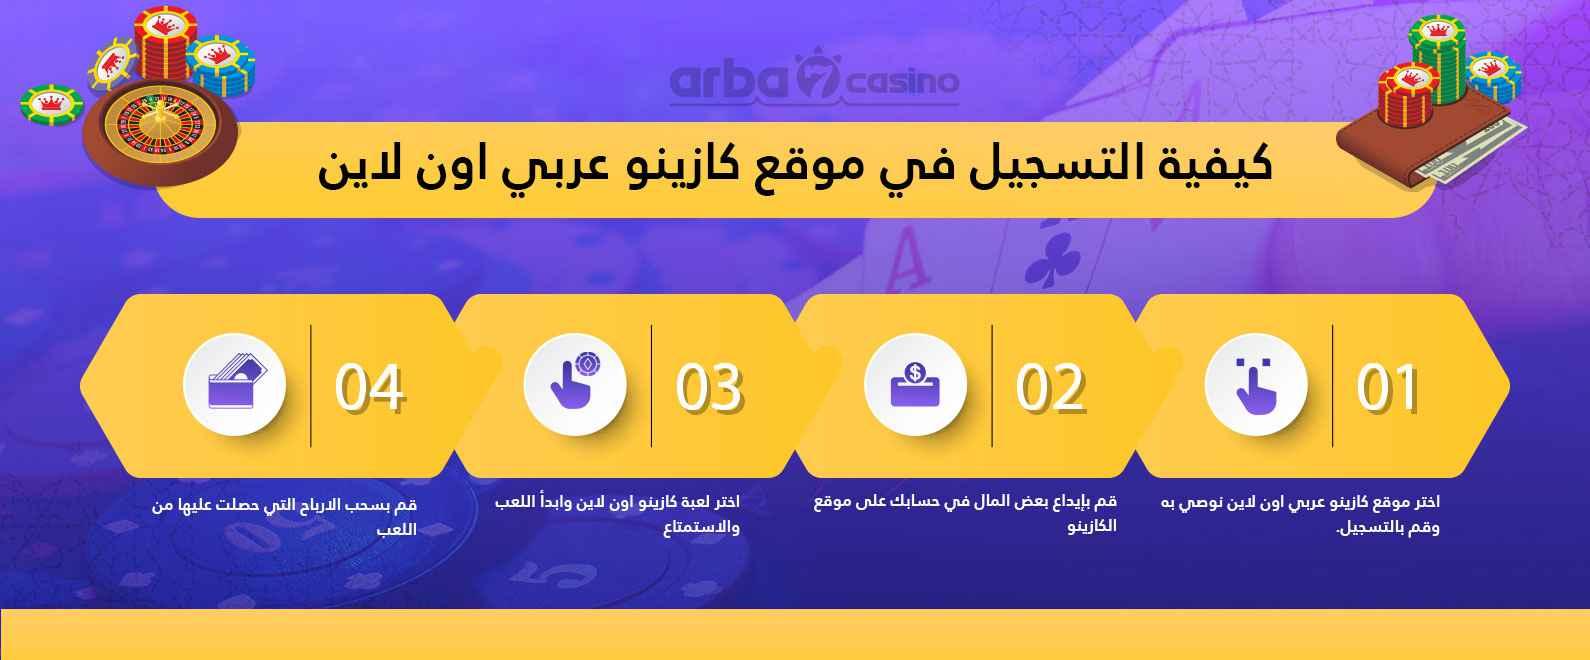 كيفية التسجيل في كازينو عربي